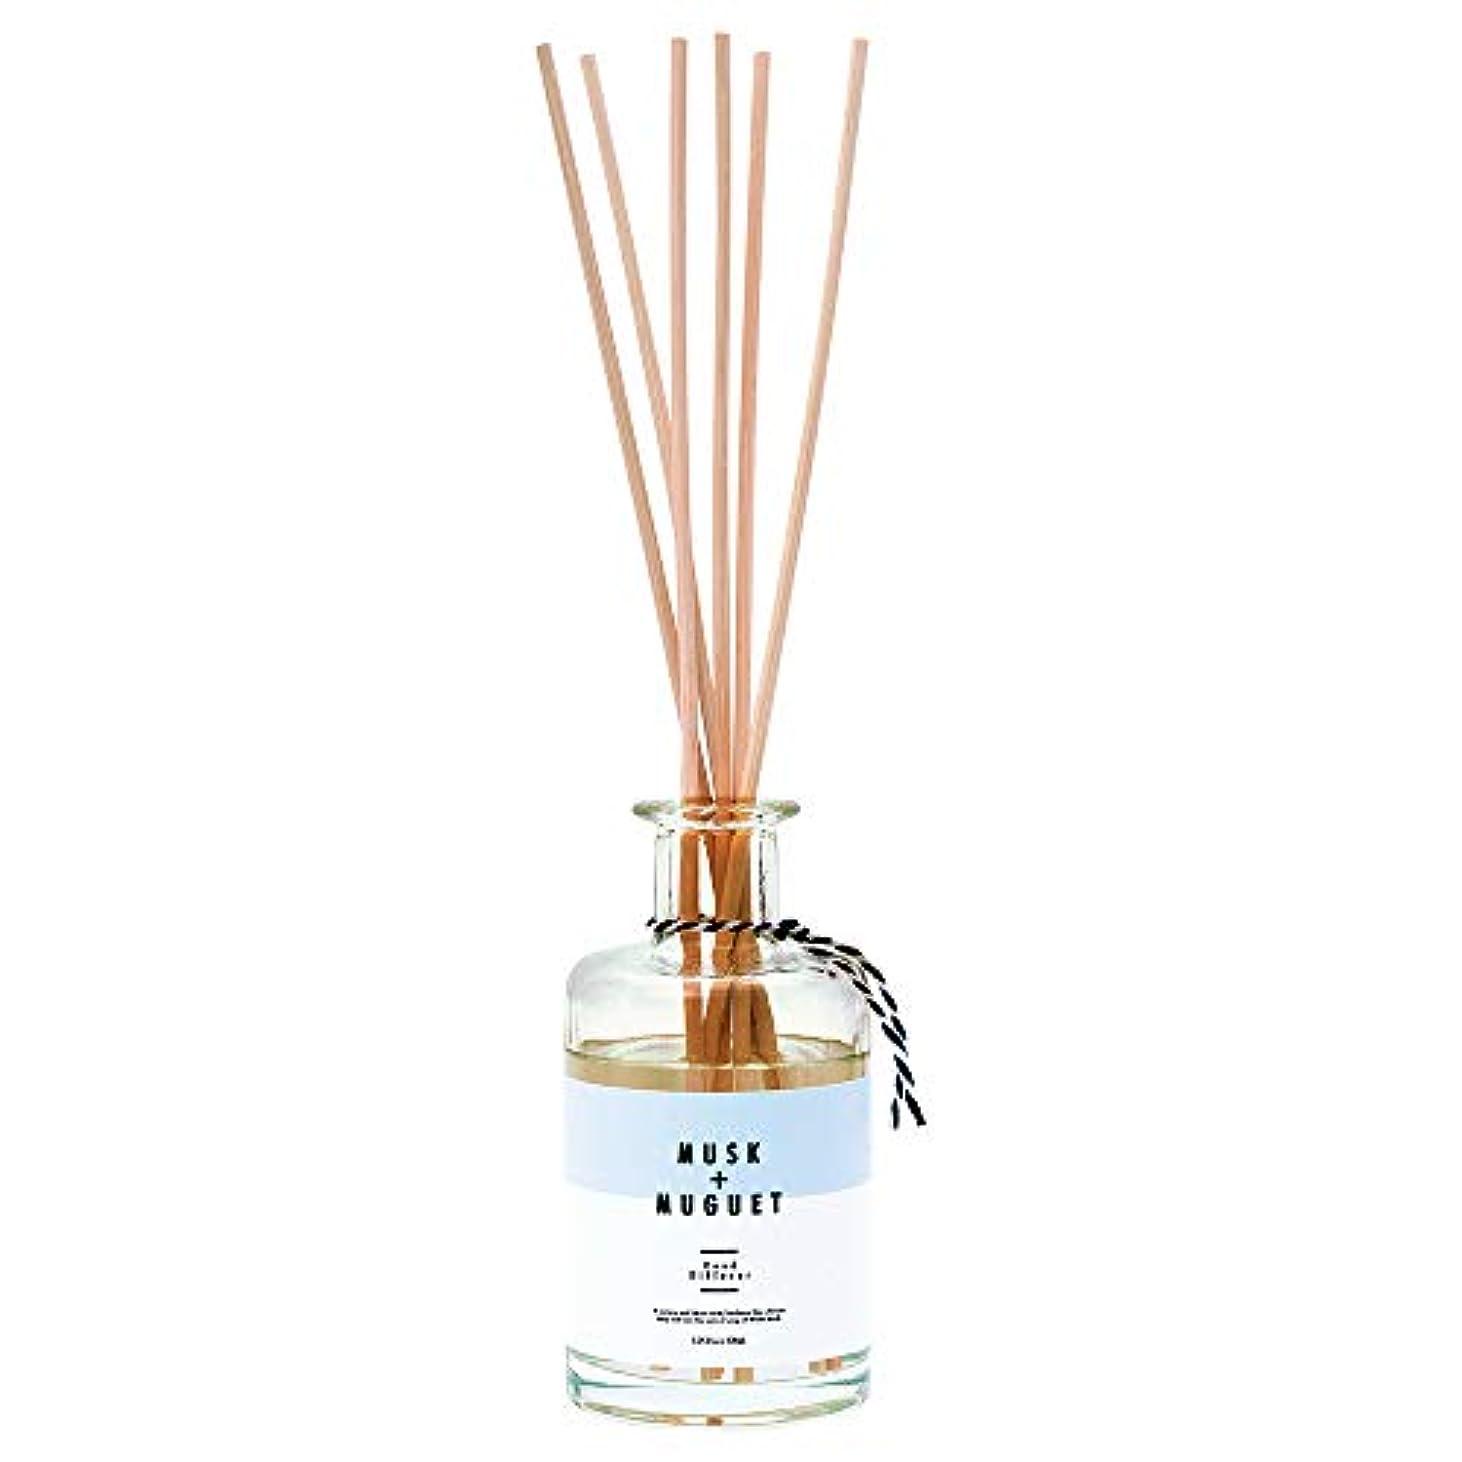 アデレードあいさつ段落ノルコーポレーション リードディフューザー ホワイトムスク&ミュゲの香り 170ml